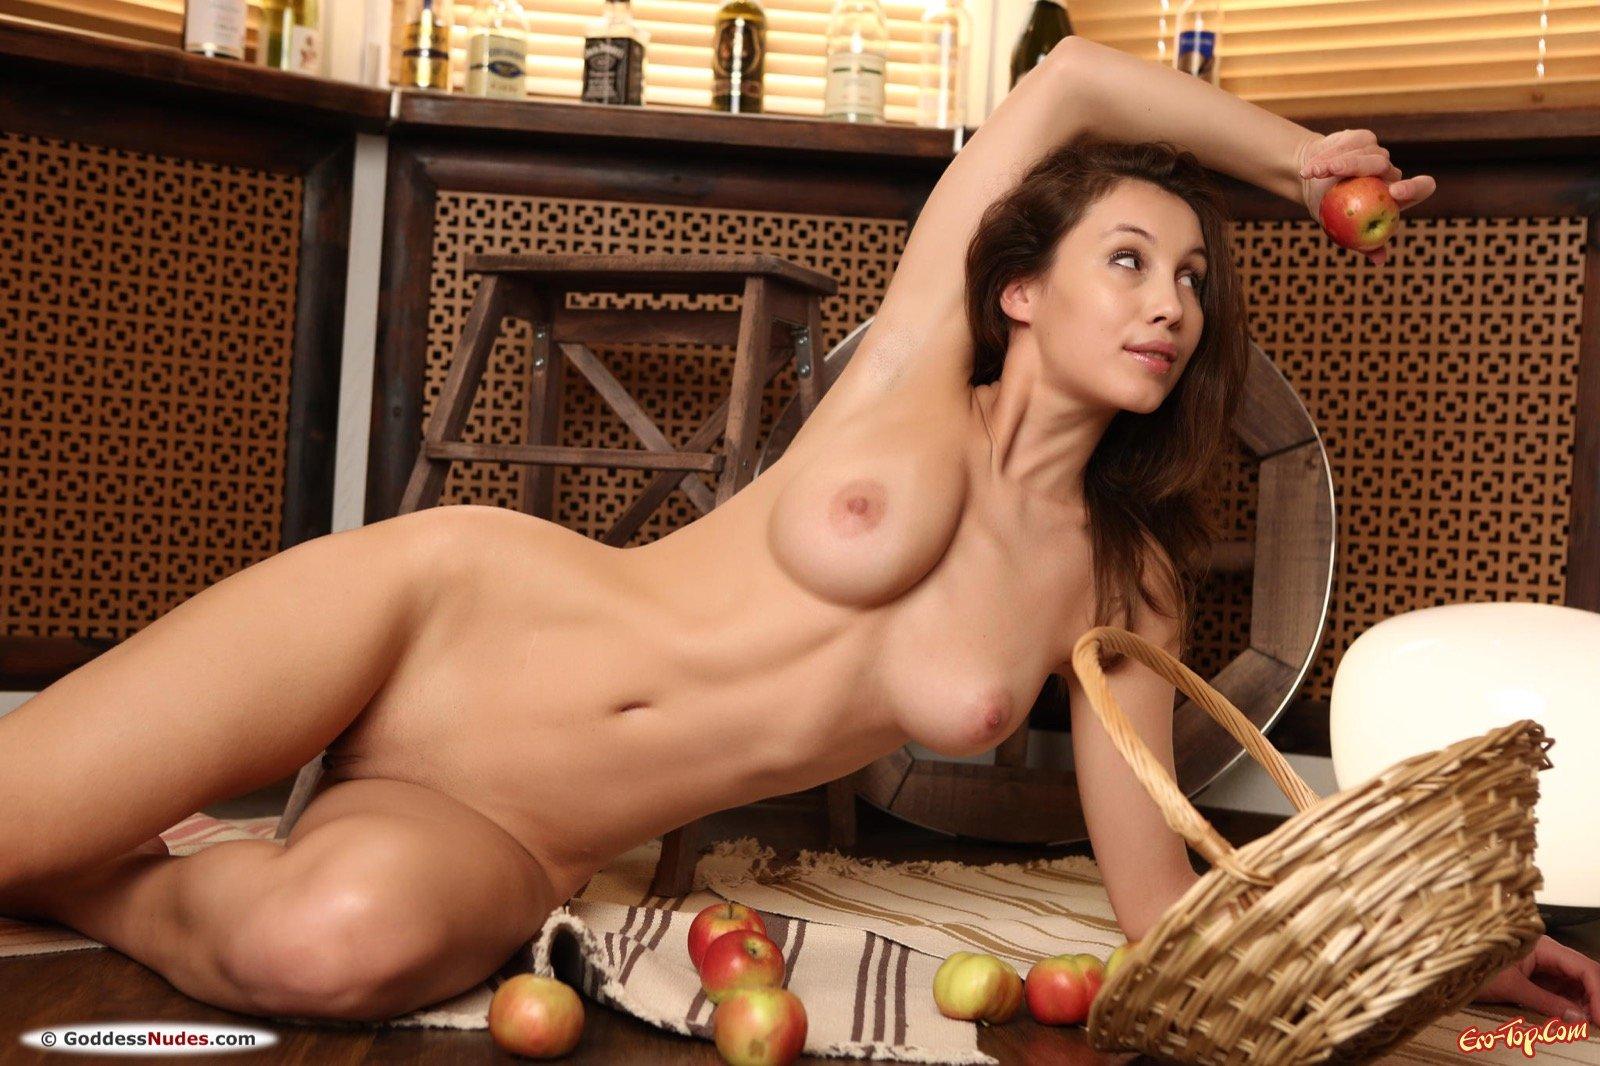 Милая баба показывает натуральная грудь и вагину секс фото